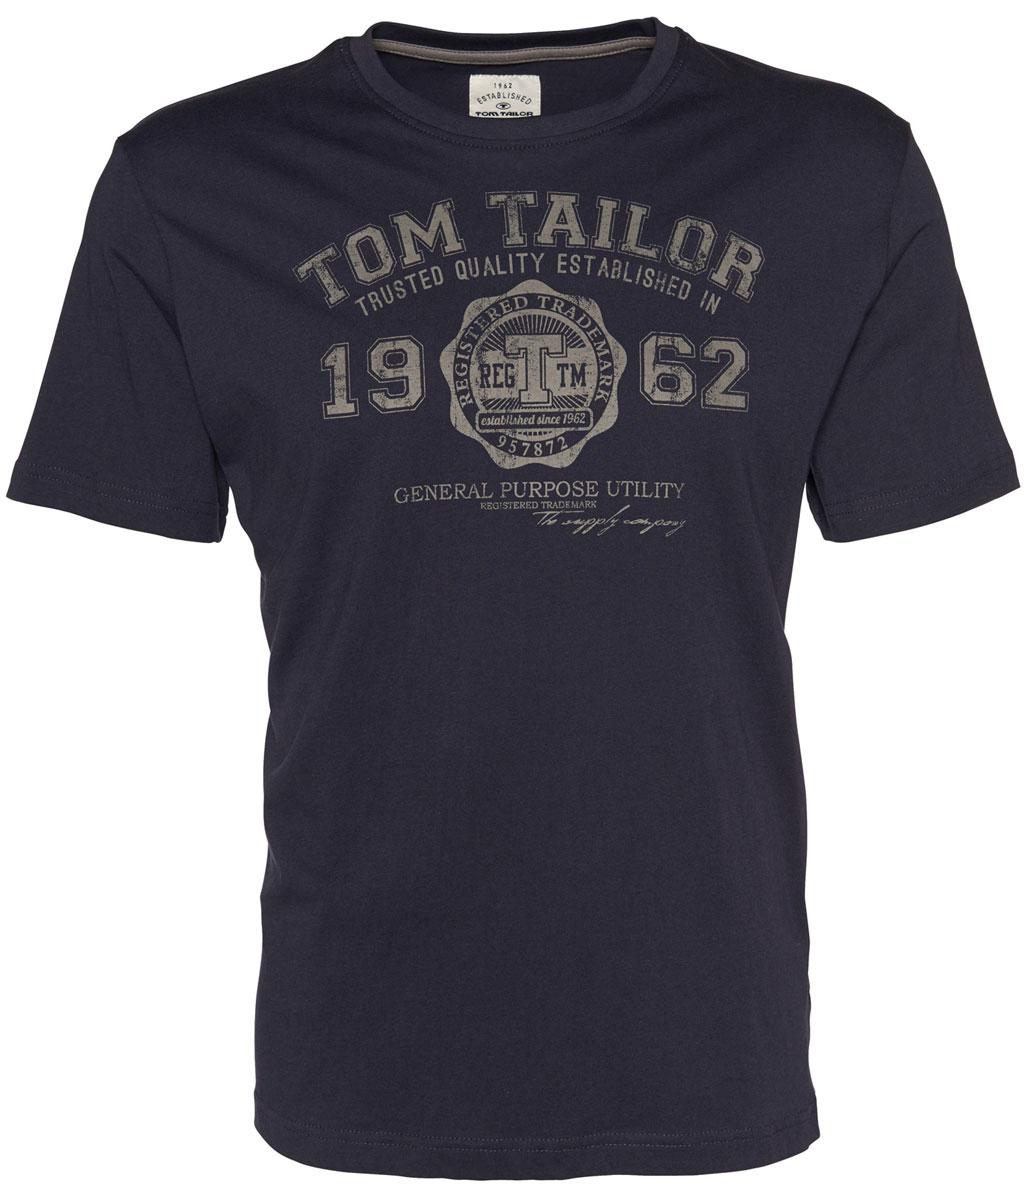 Футболка мужская Tom Tailor, цвет: темно-синий, серый. 1023549.09.10_6000. Размер L (50)1023549.09.10_6000Модная мужская футболка Tom Tailor, изготовленная из натуральногохлопка, прекрасно подойдет для повседневной носки. Материал очень мягкий иприятный на ощупь, не сковывает движения и позволяет коже дышать. Футболка с короткими рукавами и круглым вырезом горловины оформленаоригинальным принтовым рисунком и различными надписями. В ней вы всегда будете чувствовать себя уютно и комфортно.